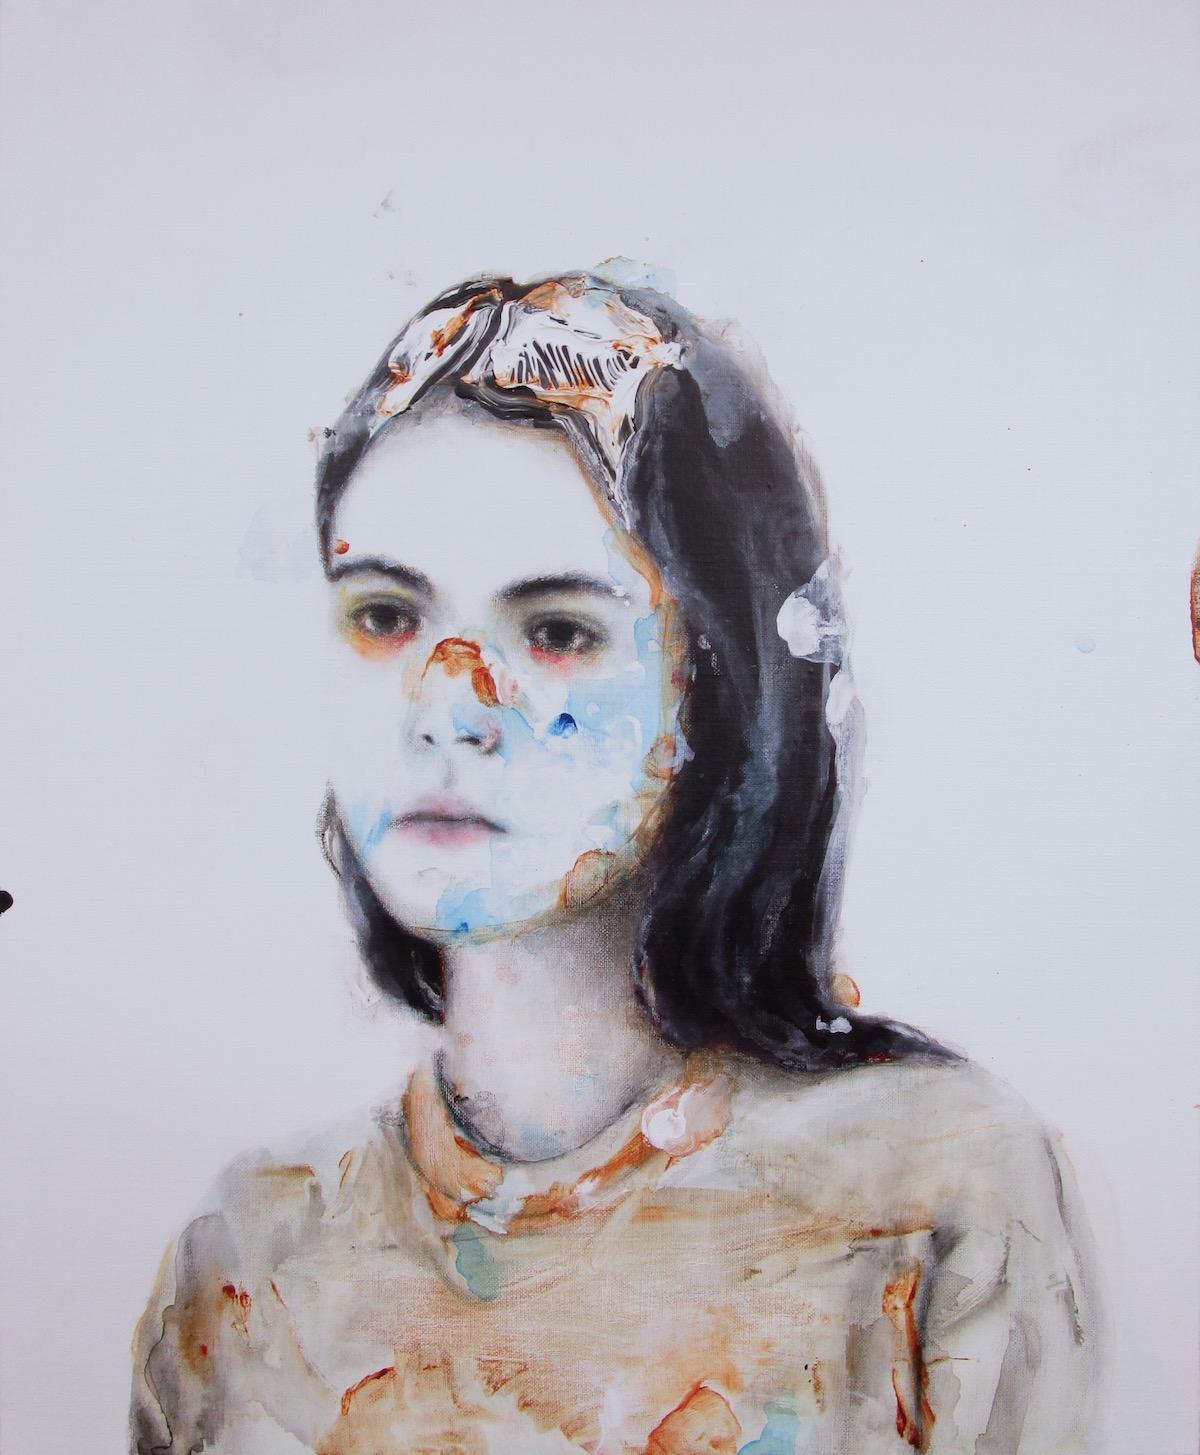 antoine cordet canvas toile peinture painting portrait art artist artiste peintre acrylic oil parachute